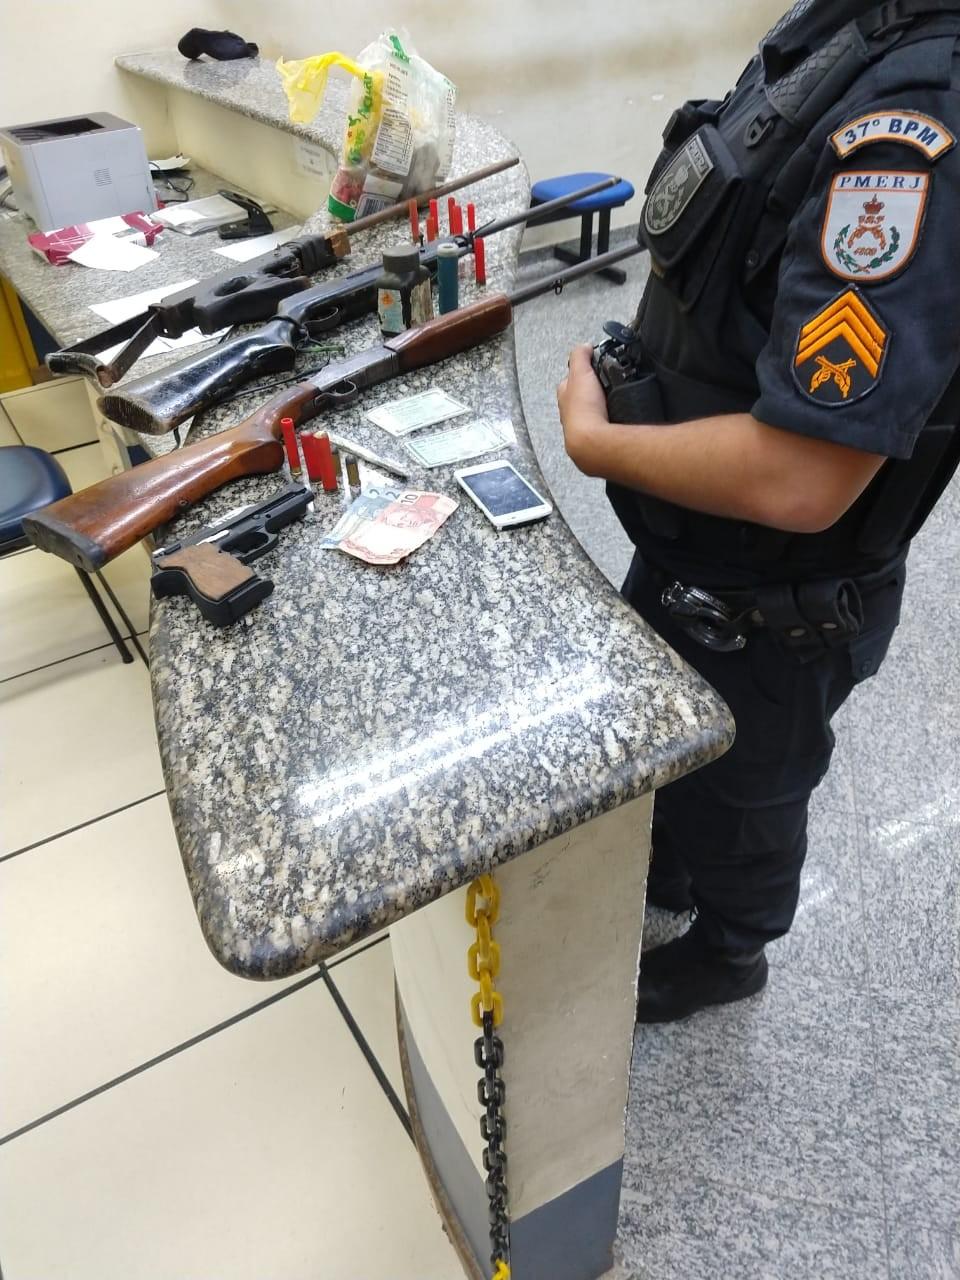 Suspeitos são presos com armas, munições e drogas em Quatis - Notícias - Plantão Diário